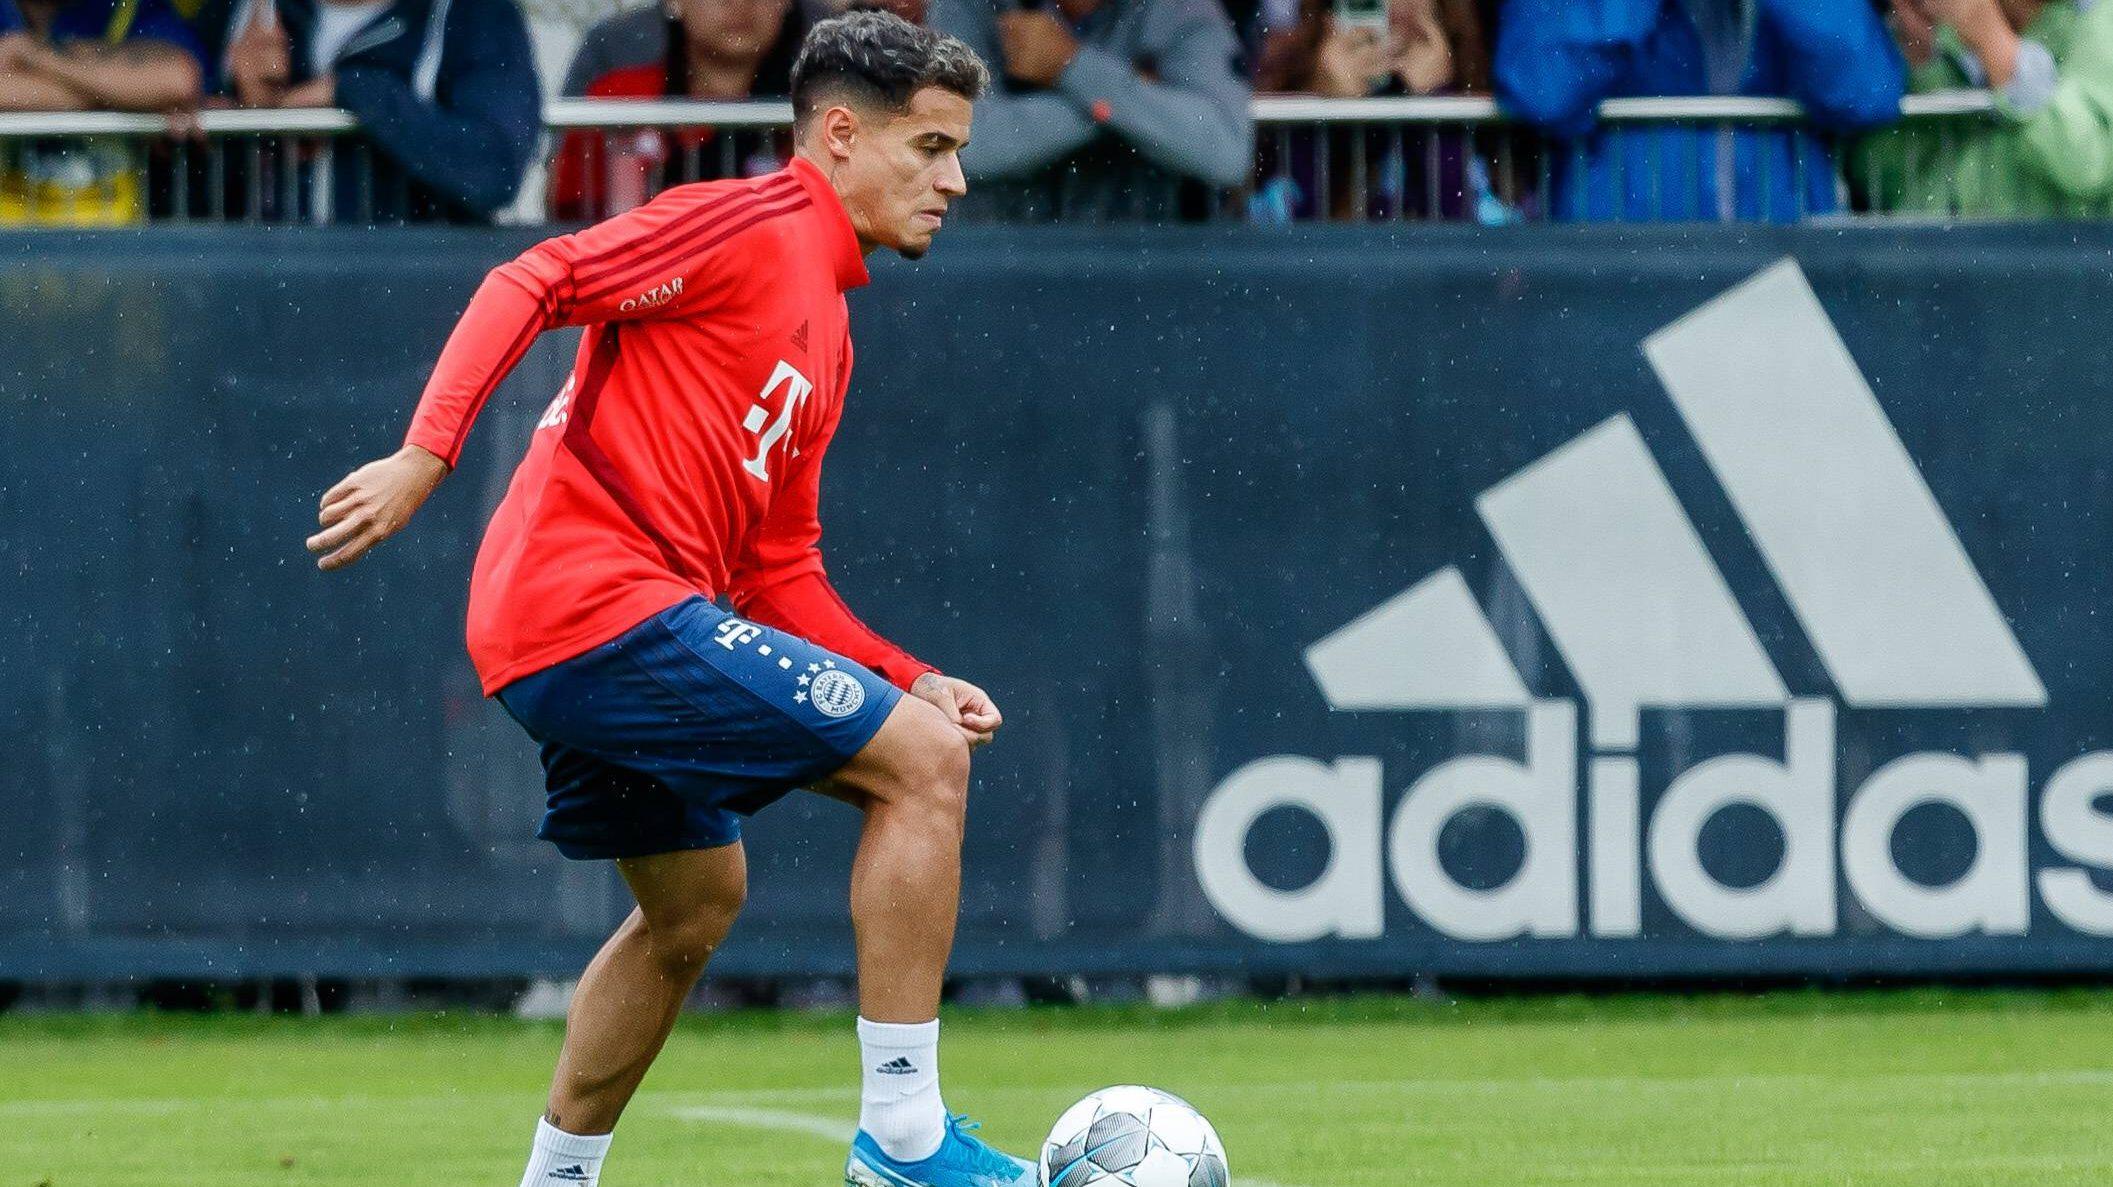 Klopp vergleicht Bayern-Star Coutinho mit del Piero